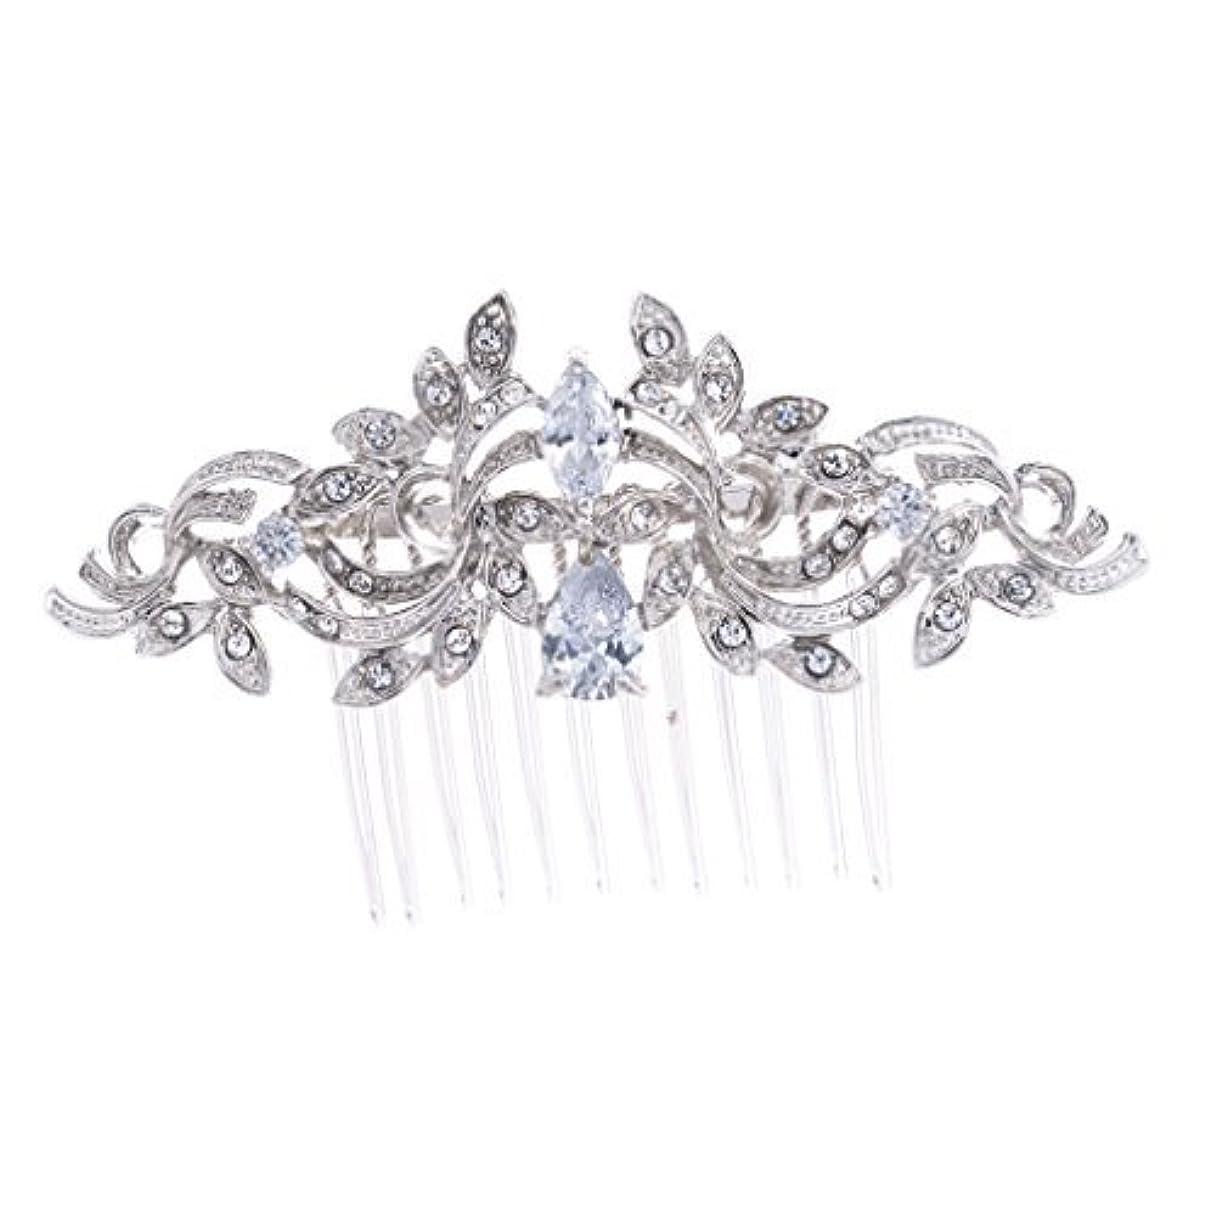 フェザーためらう相対サイズSEPBRIDALS Crystal Rhinestone Leaves Hair Comb Hair Pins Bridal Wedding Hair Accessories Jewelry 4012R [並行輸入品]